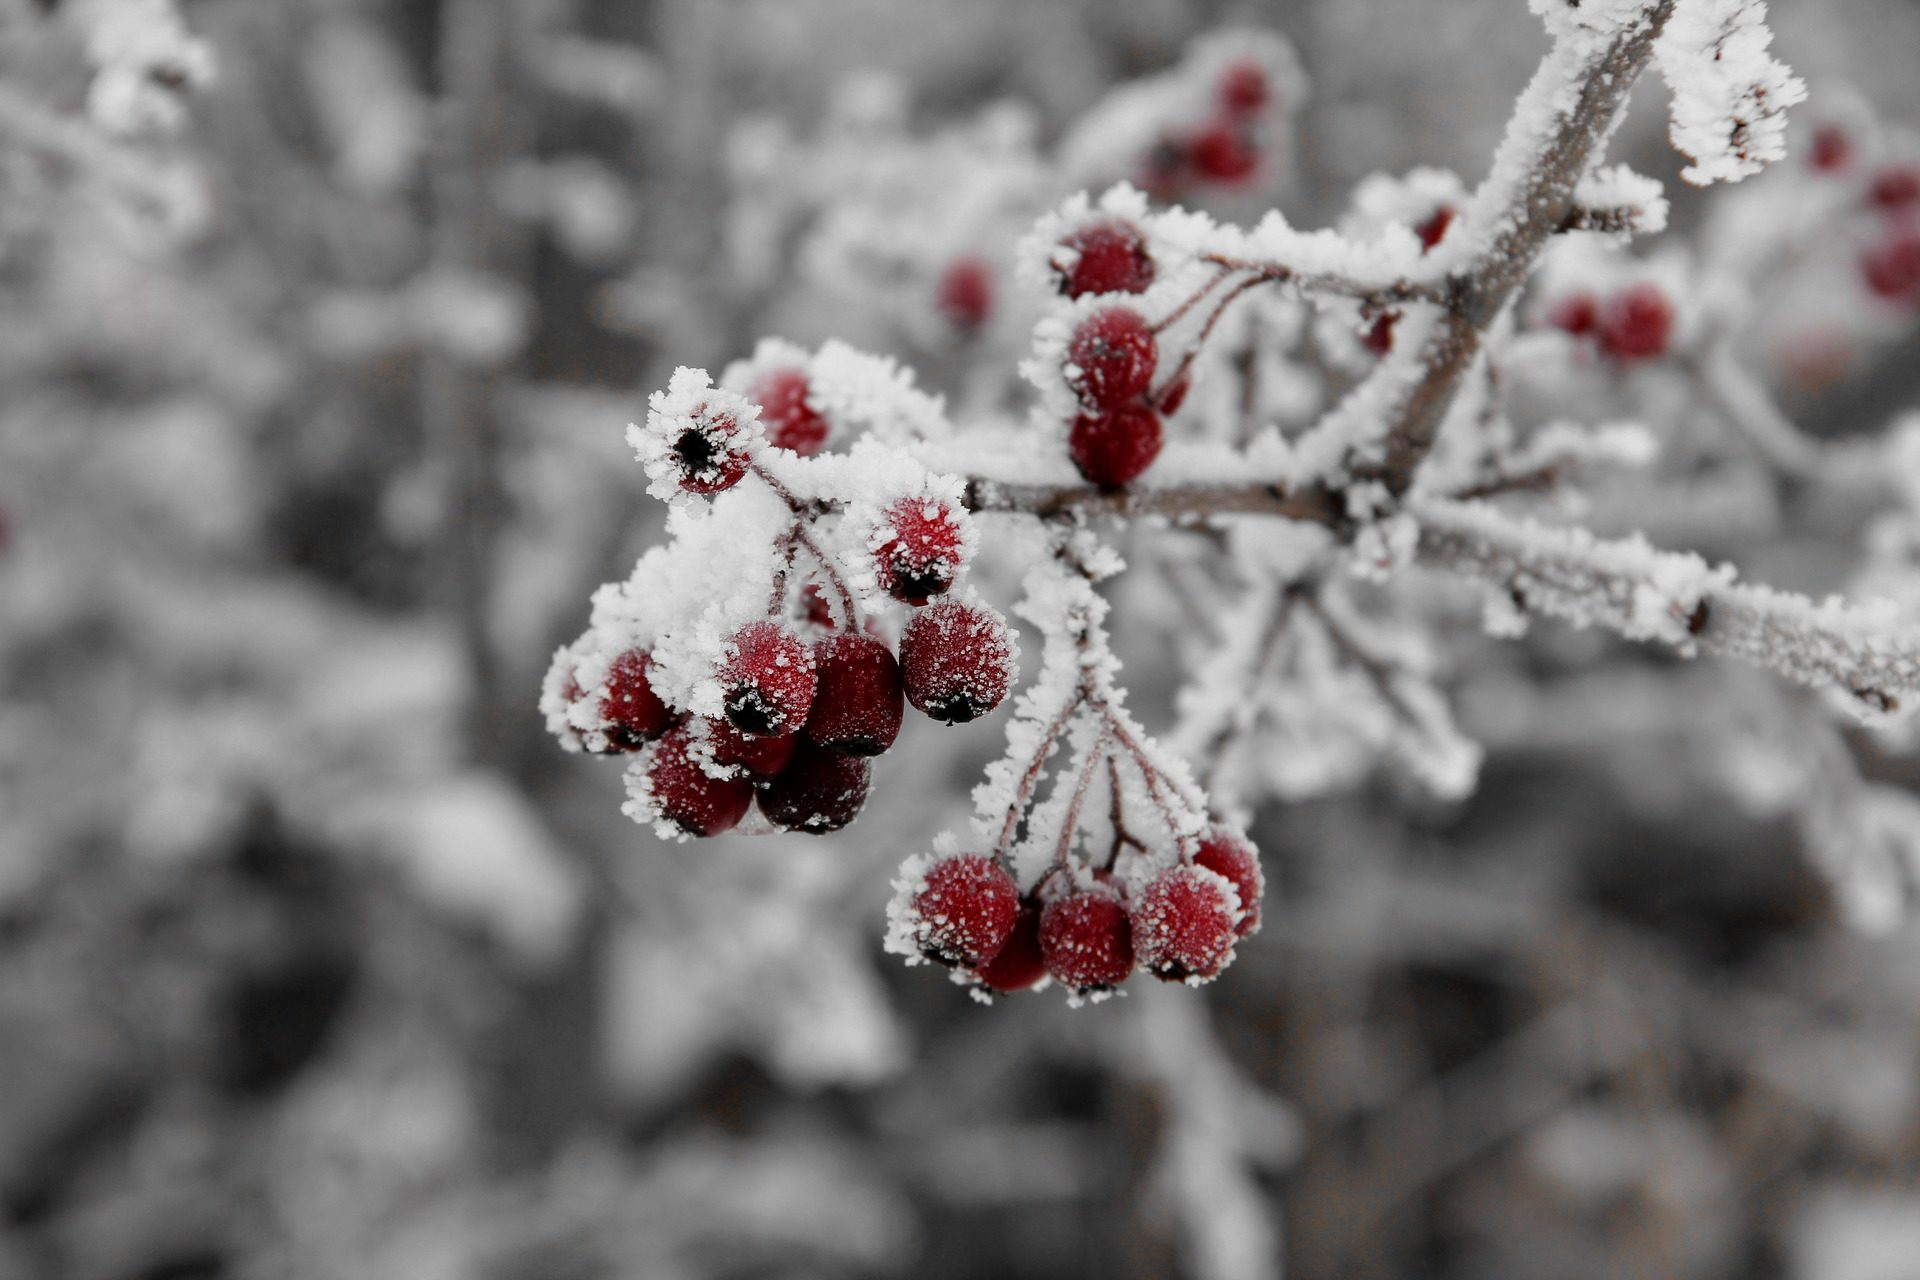 Beeren, Cluster, Filiale, Schnee, Winter, Rot - Wallpaper HD - Prof.-falken.com